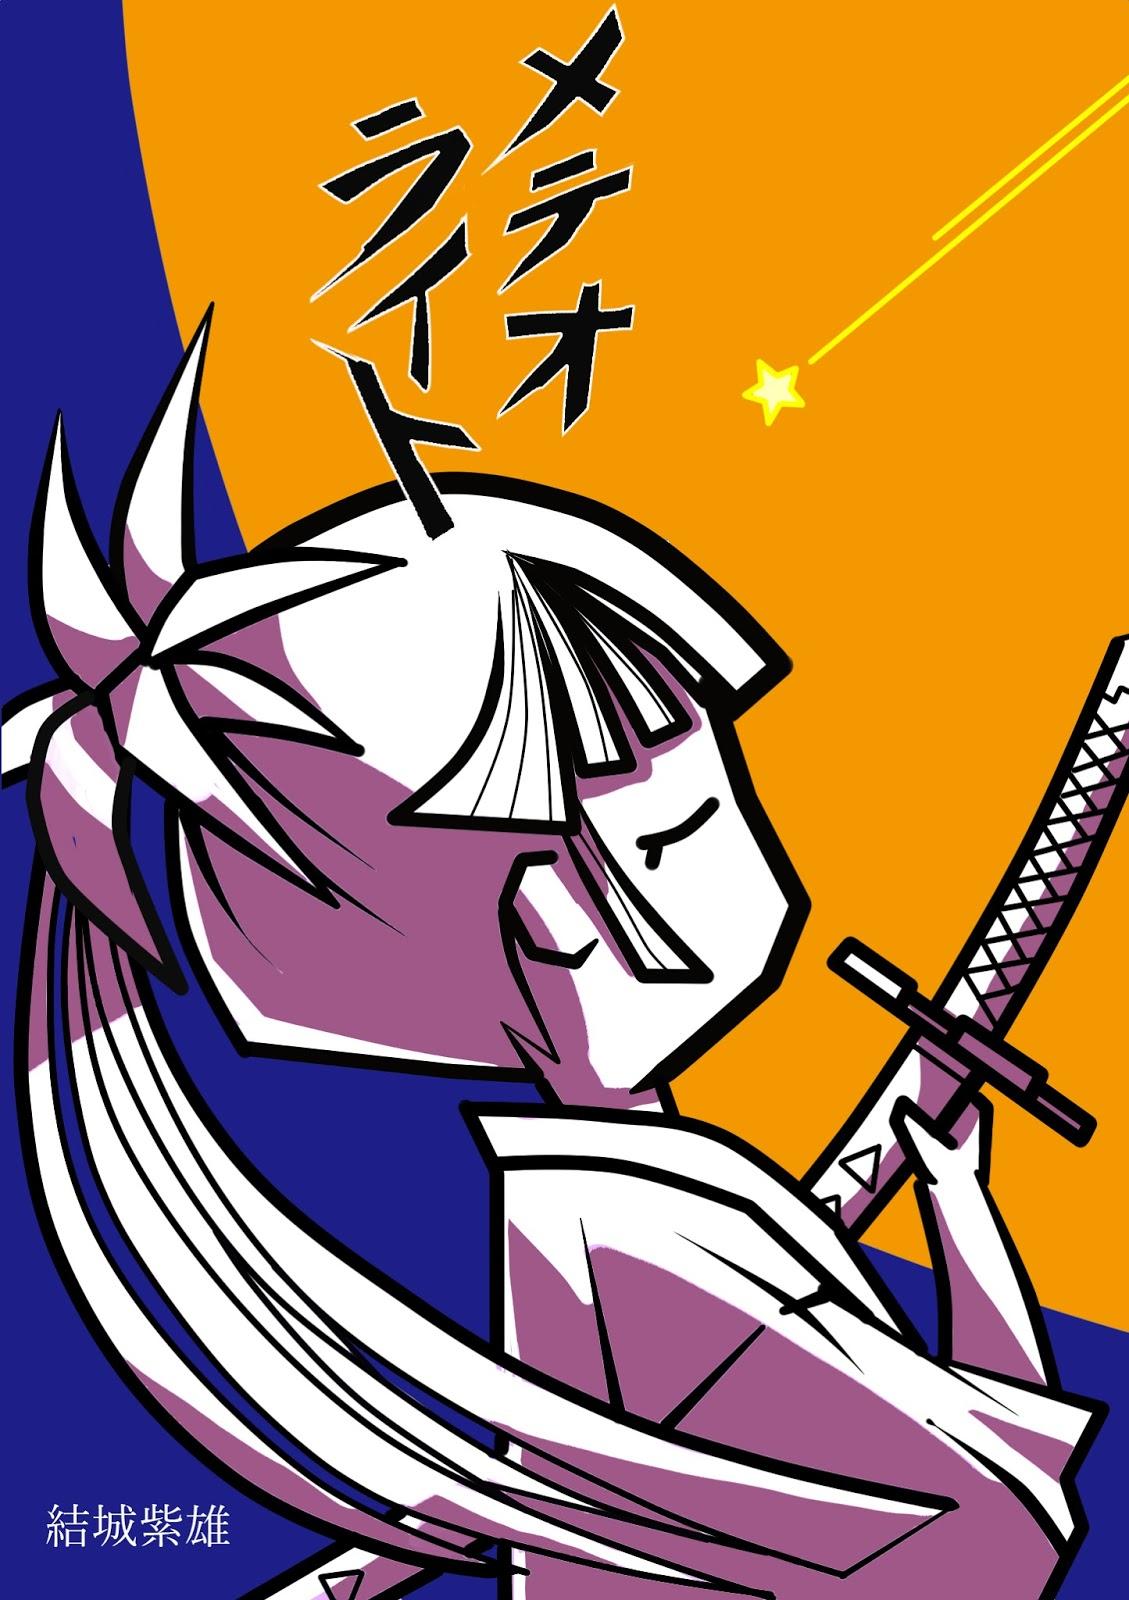 結城紫雄『メテオライト』